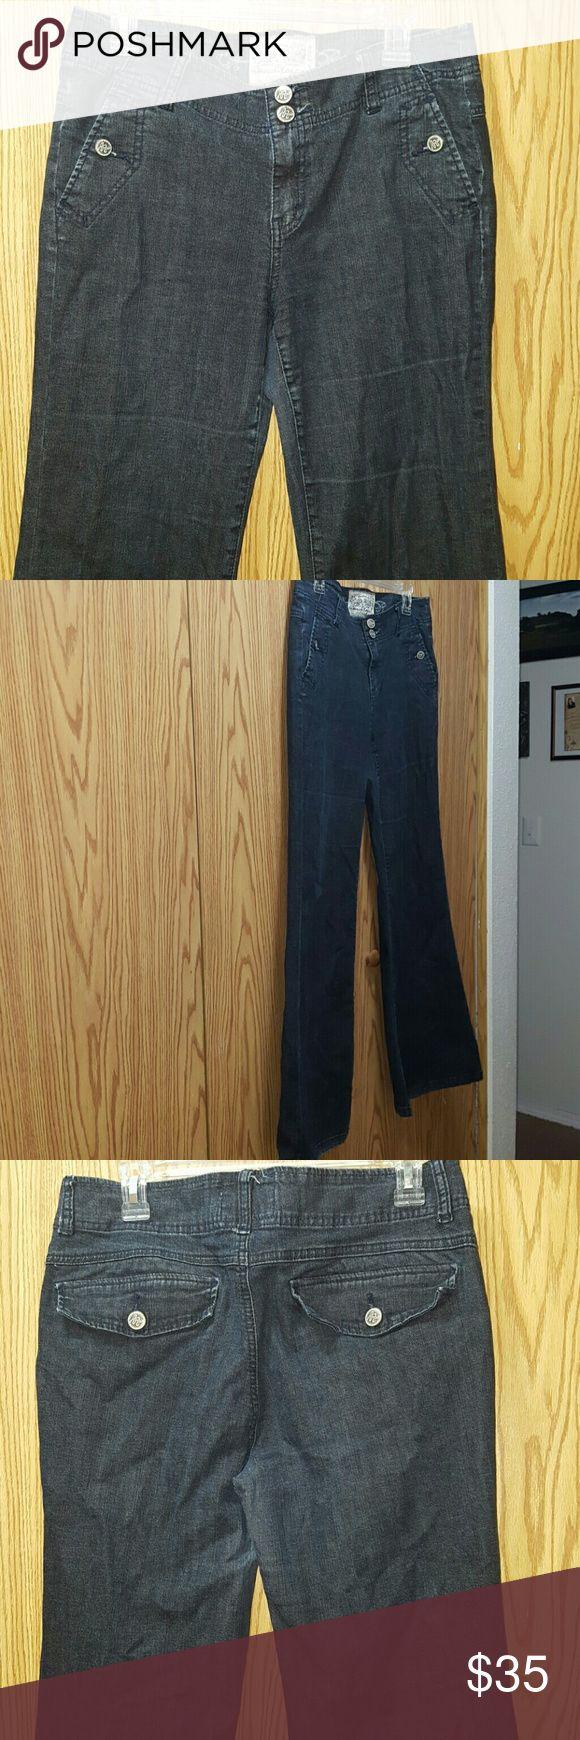 American Rag Jeans Super cute dark blue flared Jeans by American Rag Size 11 American Rag  Jeans Flare & Wide Leg